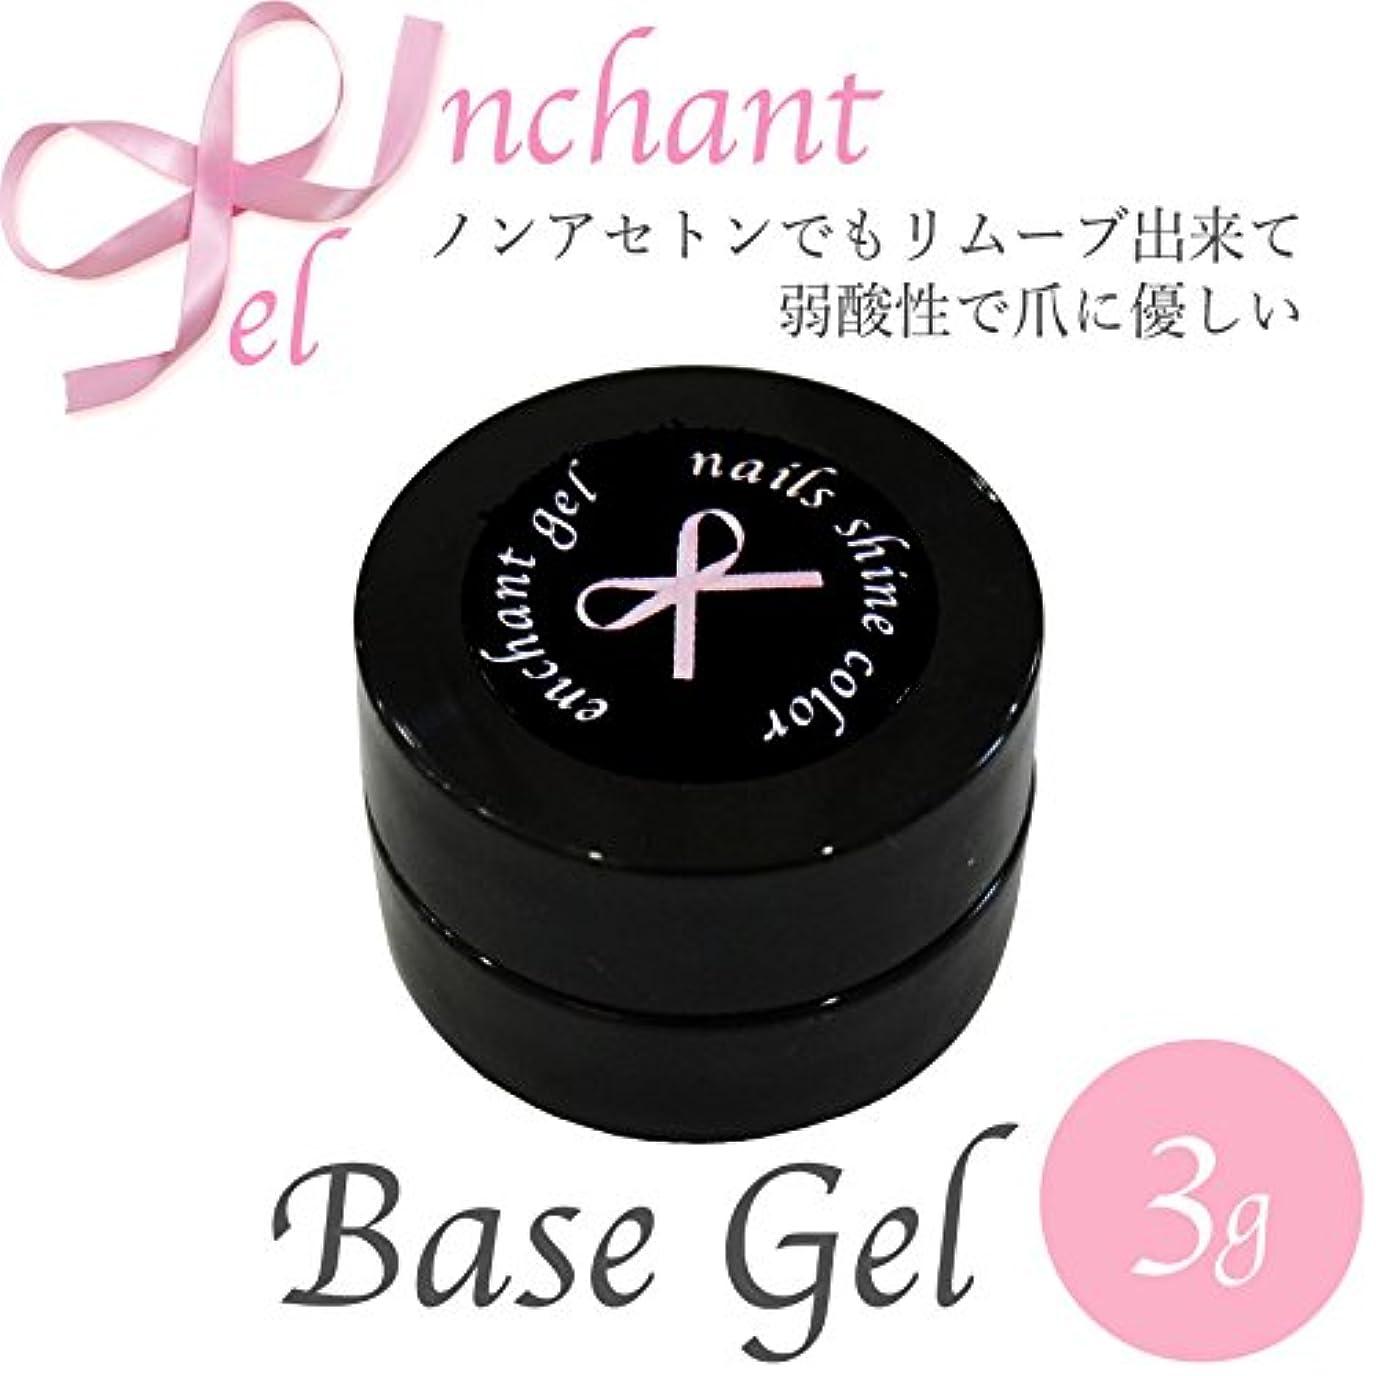 呼吸残高おびえたenchant gel clear base gel 3g/エンチャントジェル クリアーベースジェル 3グラム